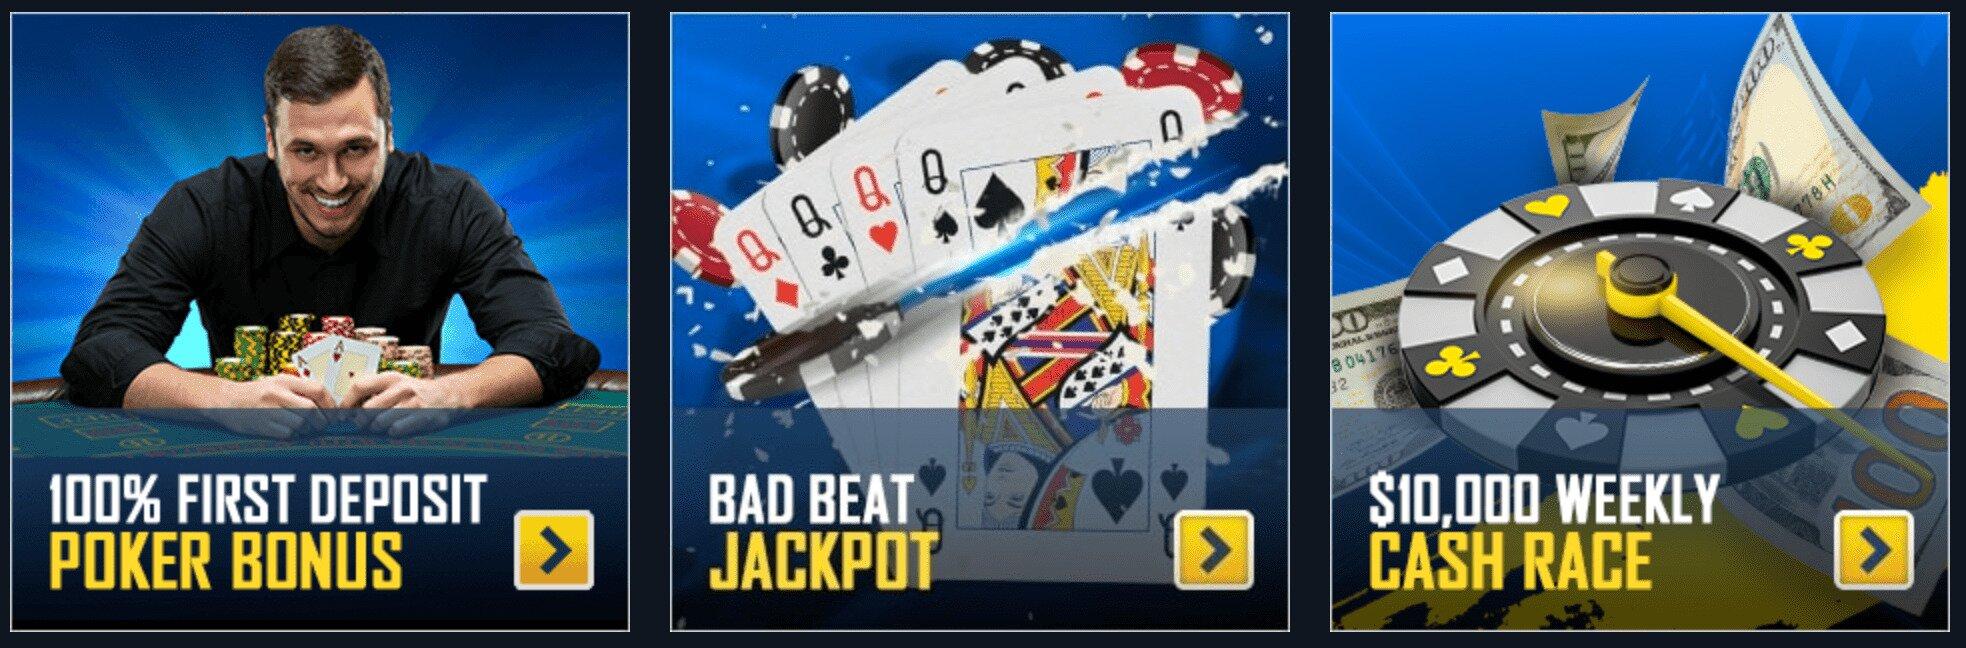 SportsBetting Poker Bonuses